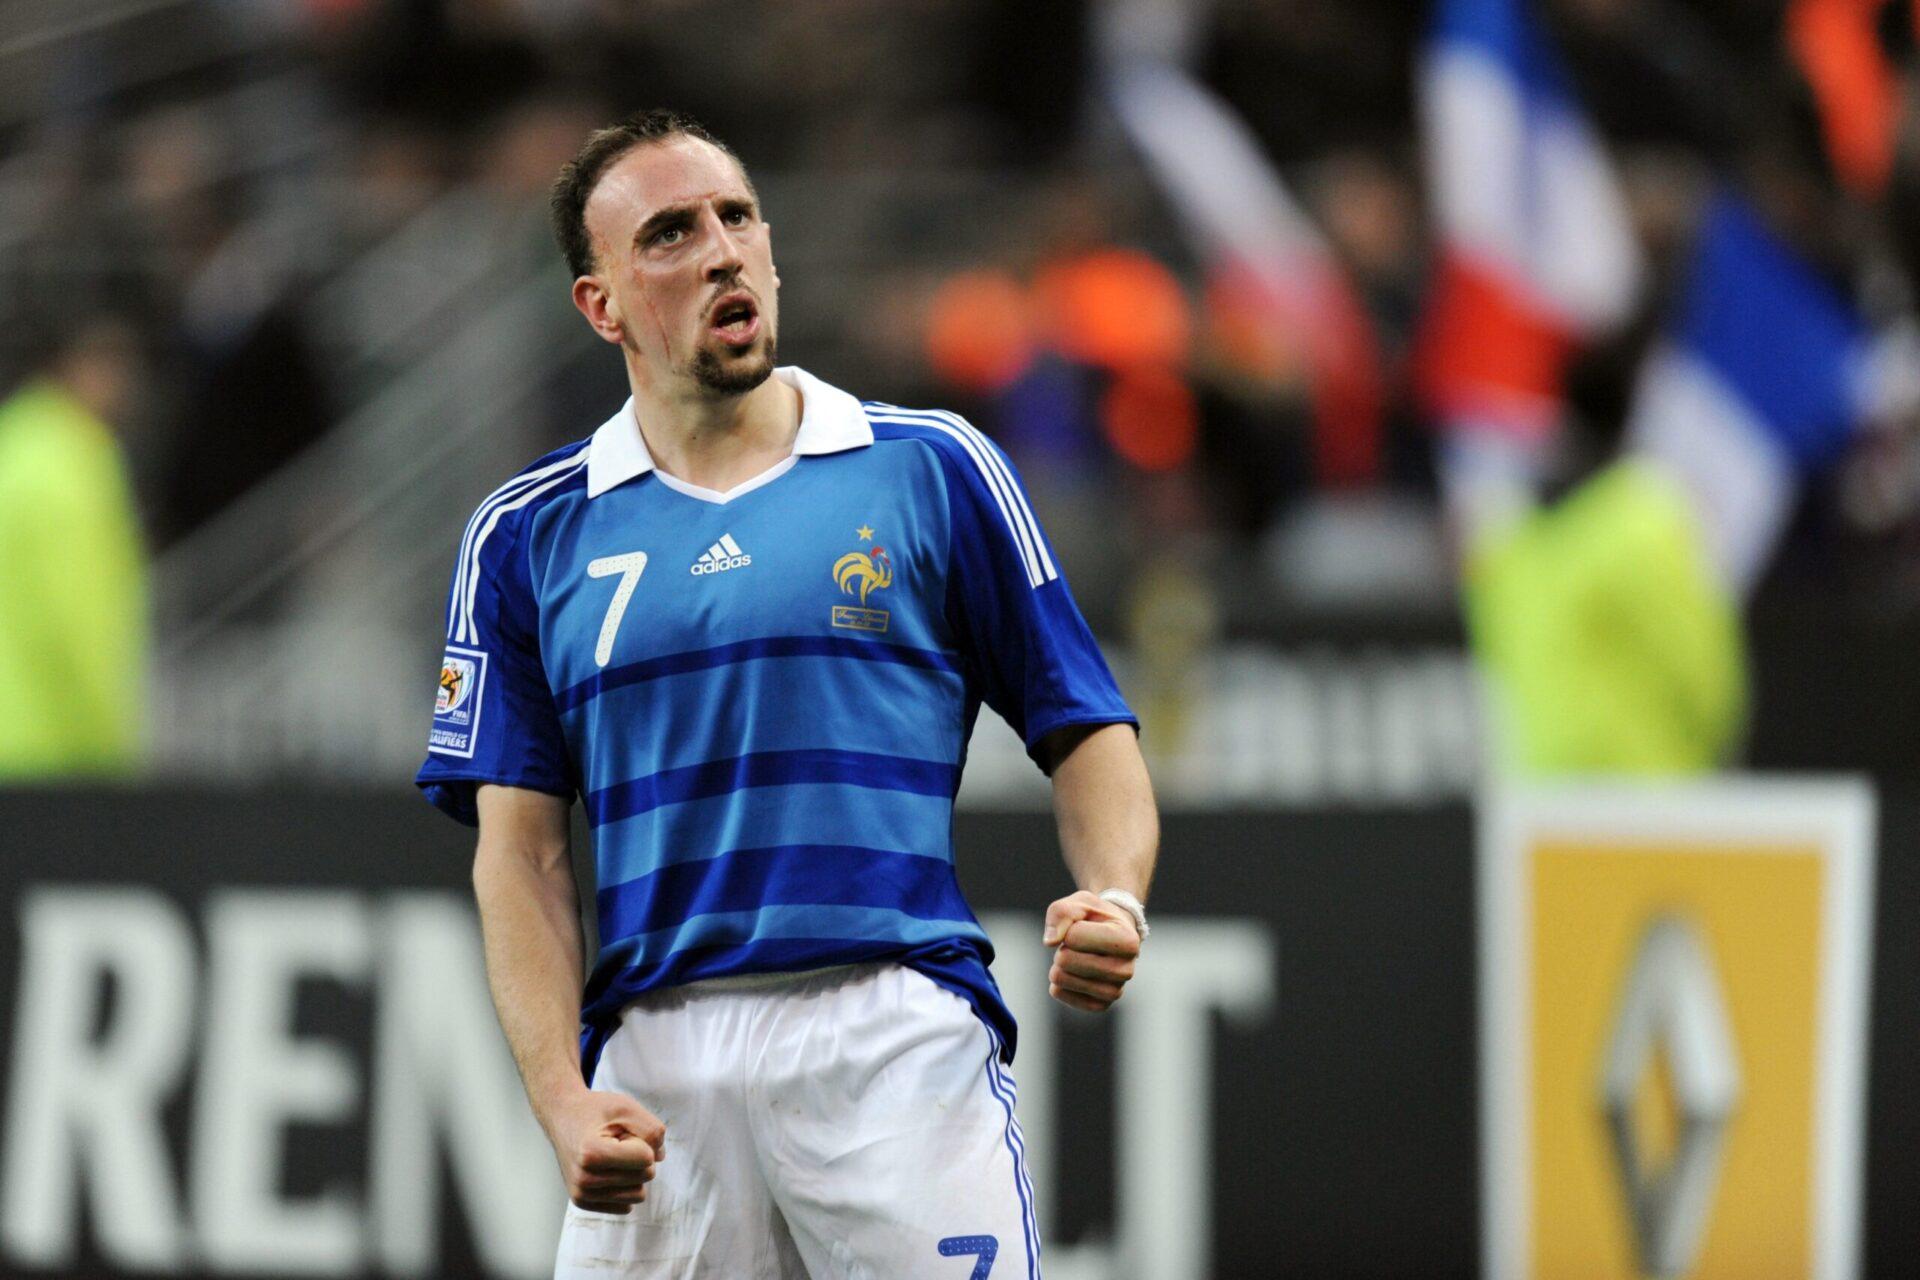 Franck Ribéry honorant son pays en jouant pour lui (Icon Sport)